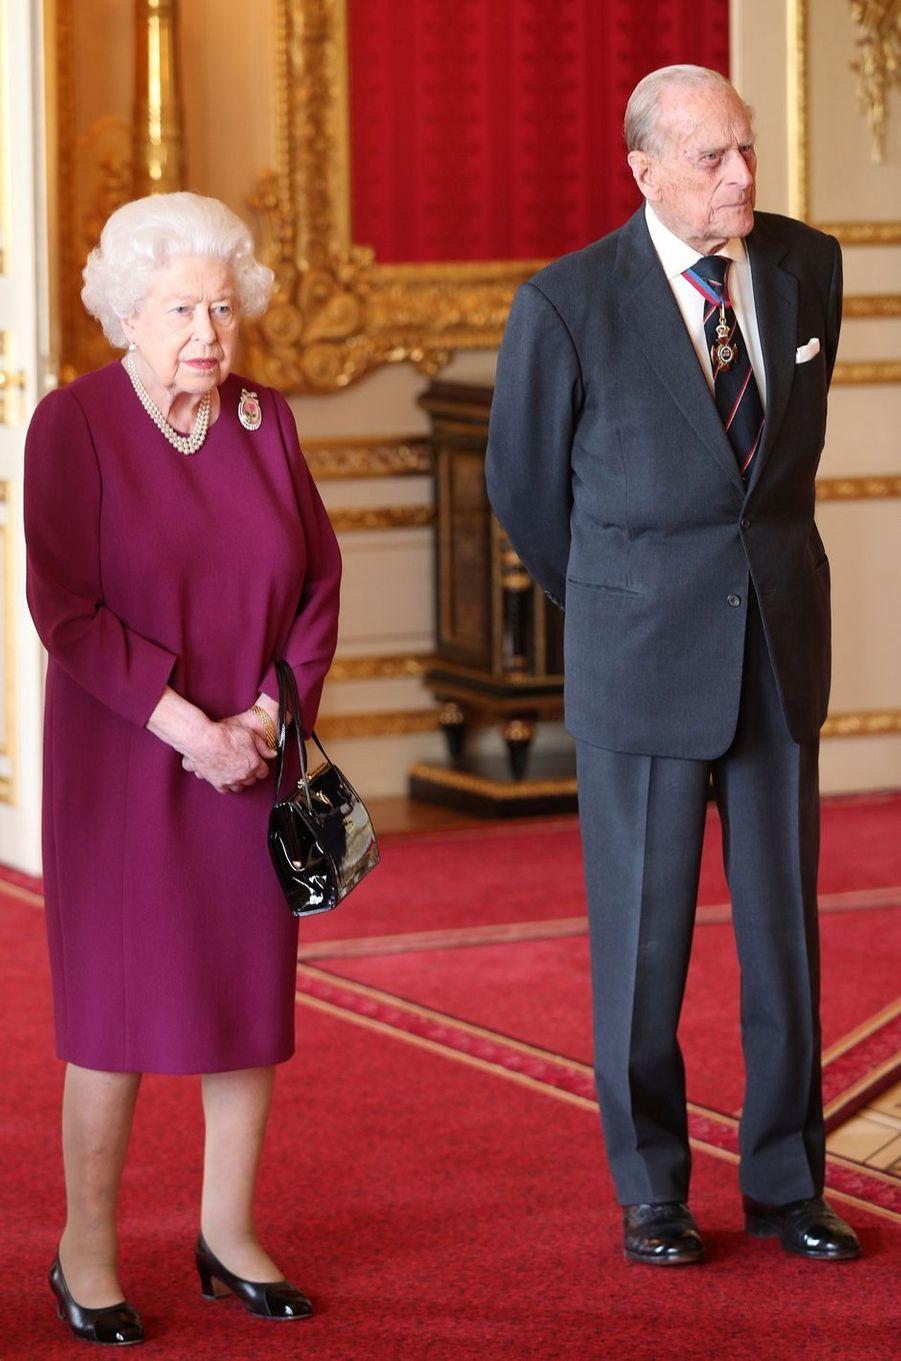 La reine Elizabeth II avec le prince Philip au château de Windsor, le 7 mai 2019